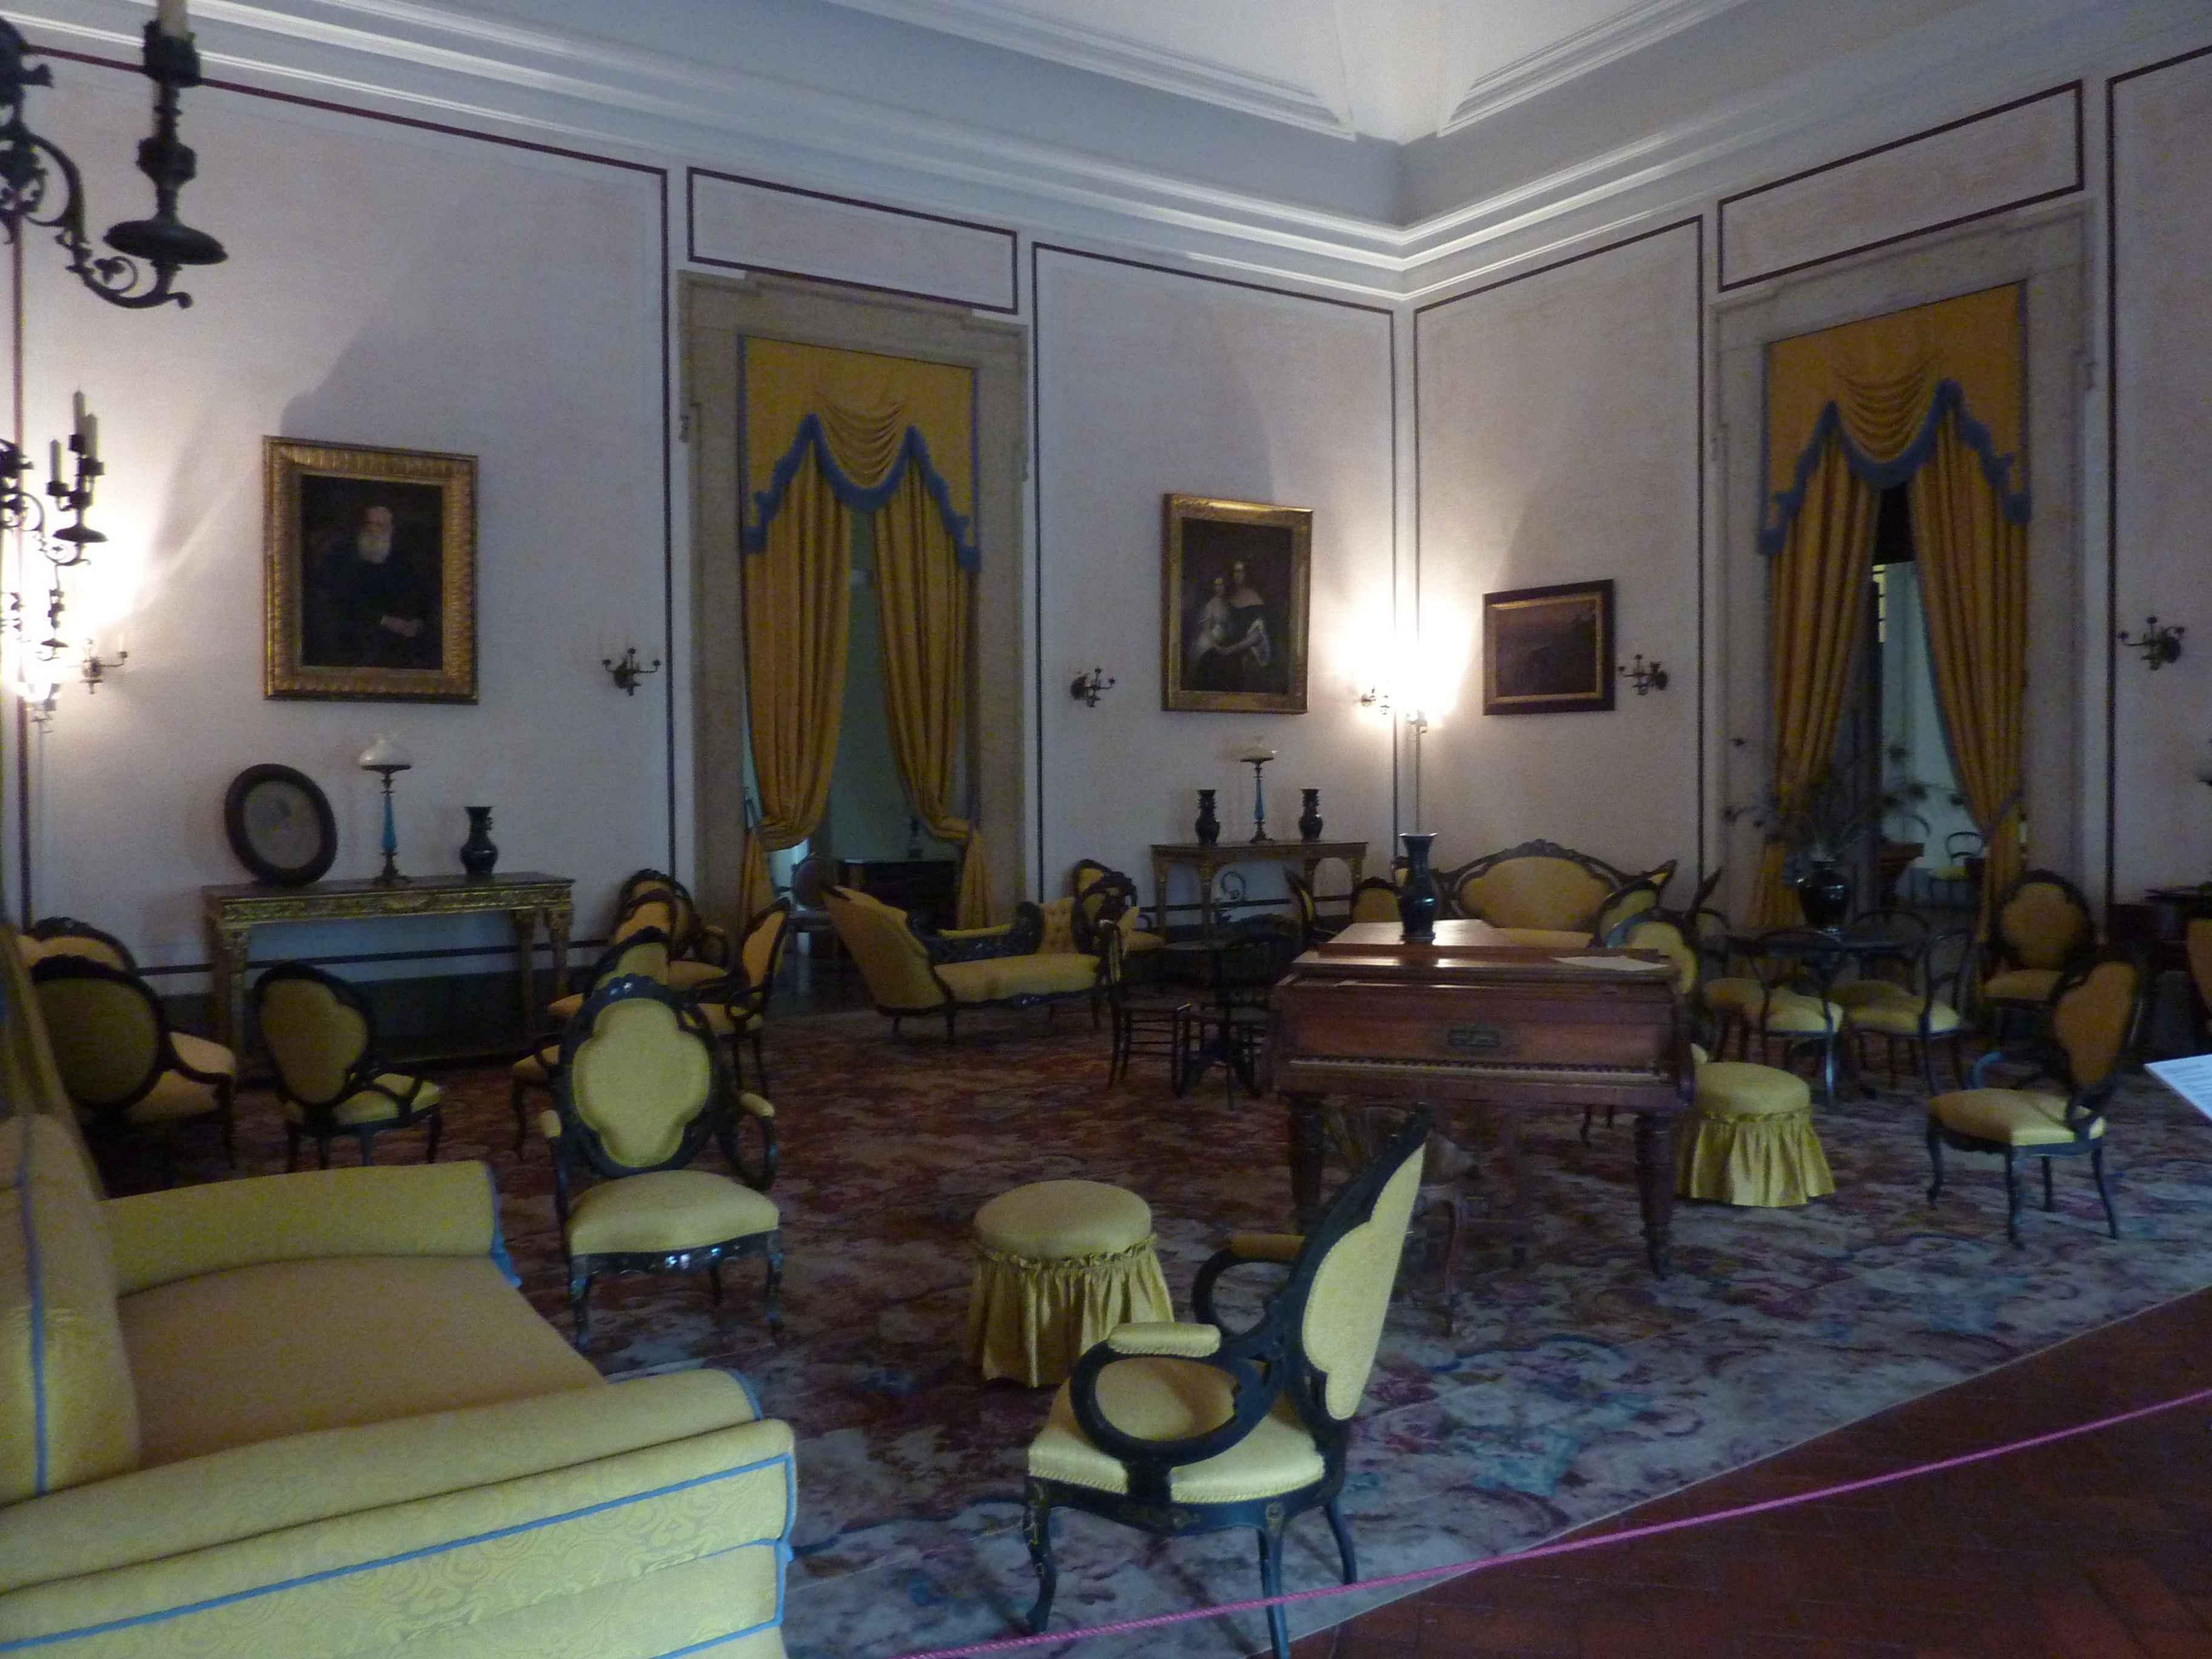 Visite du palais royal de mafra au nord de lisbonne - Salon de the palais royal ...